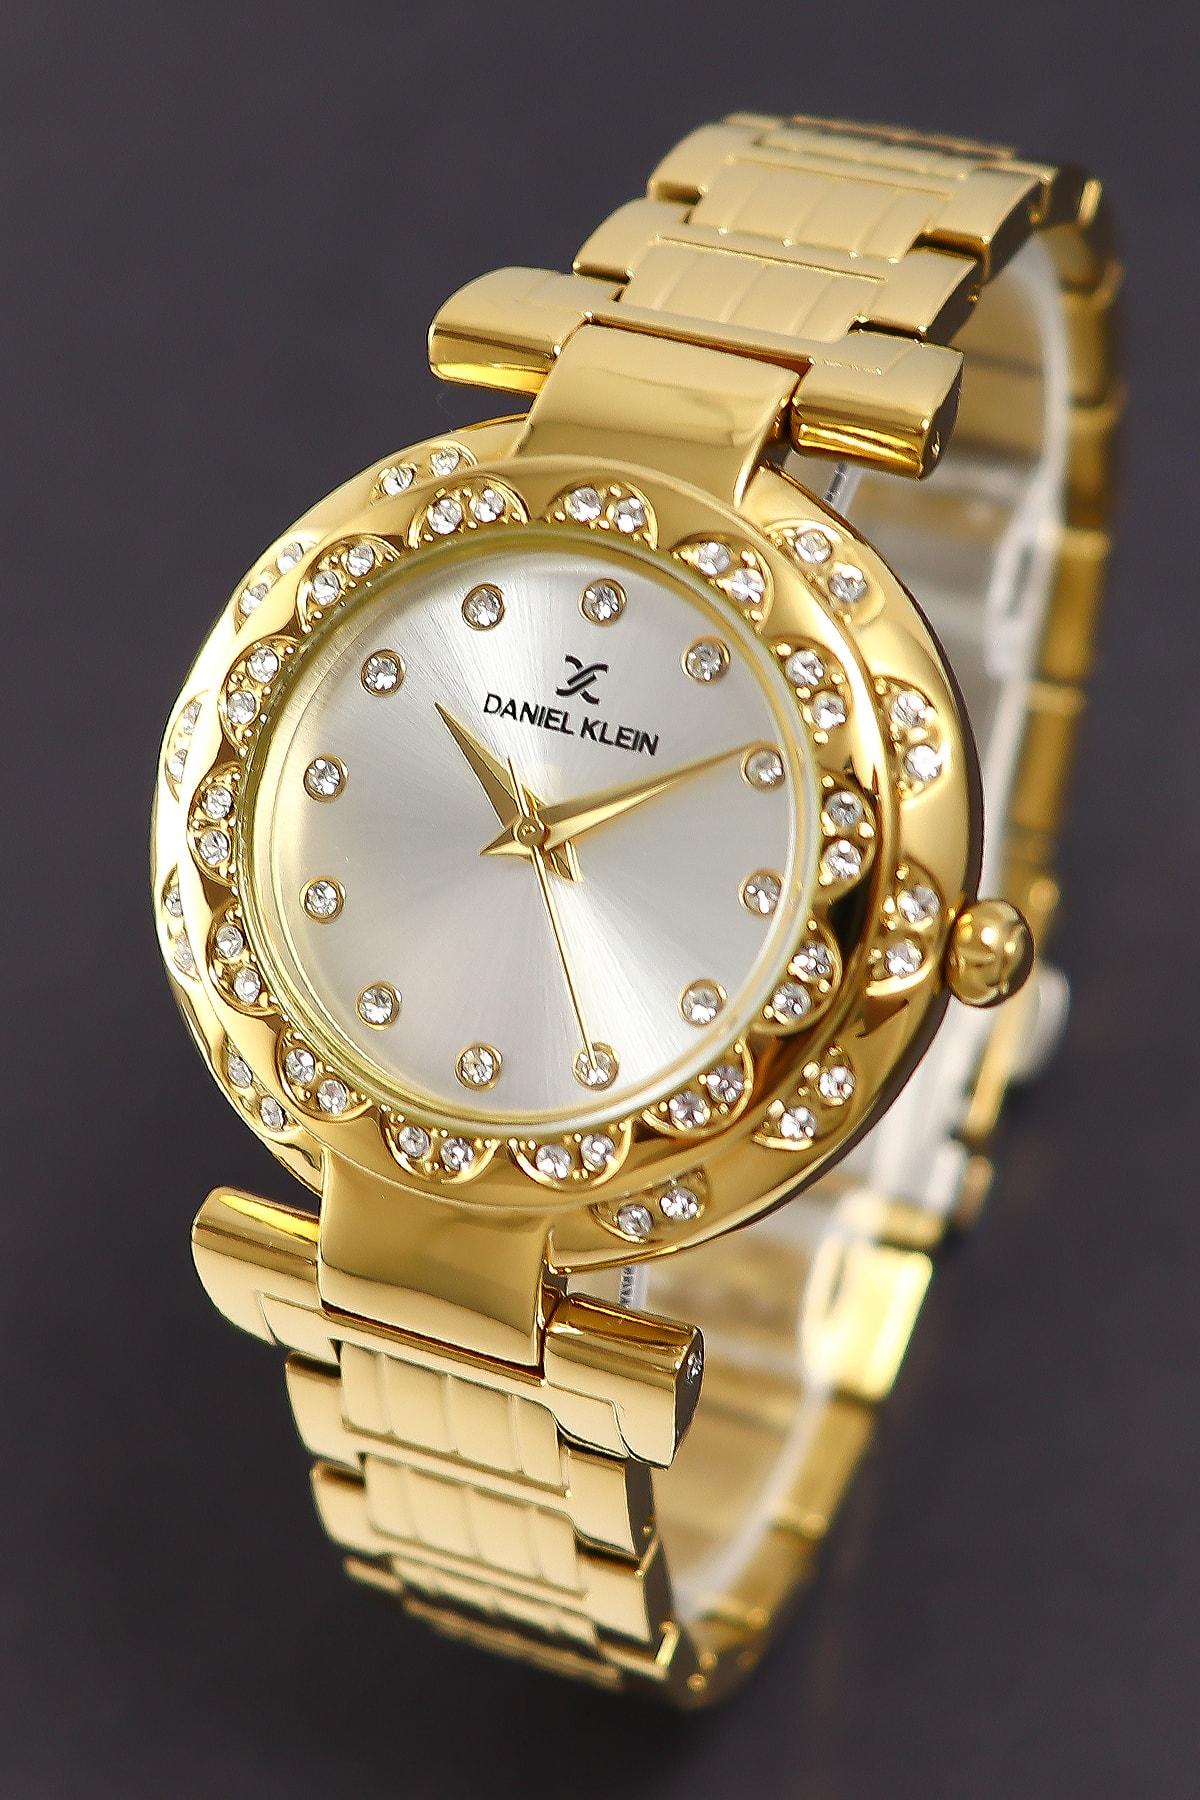 Daniel Klein Premium Kadın Kol Saati 376330 1